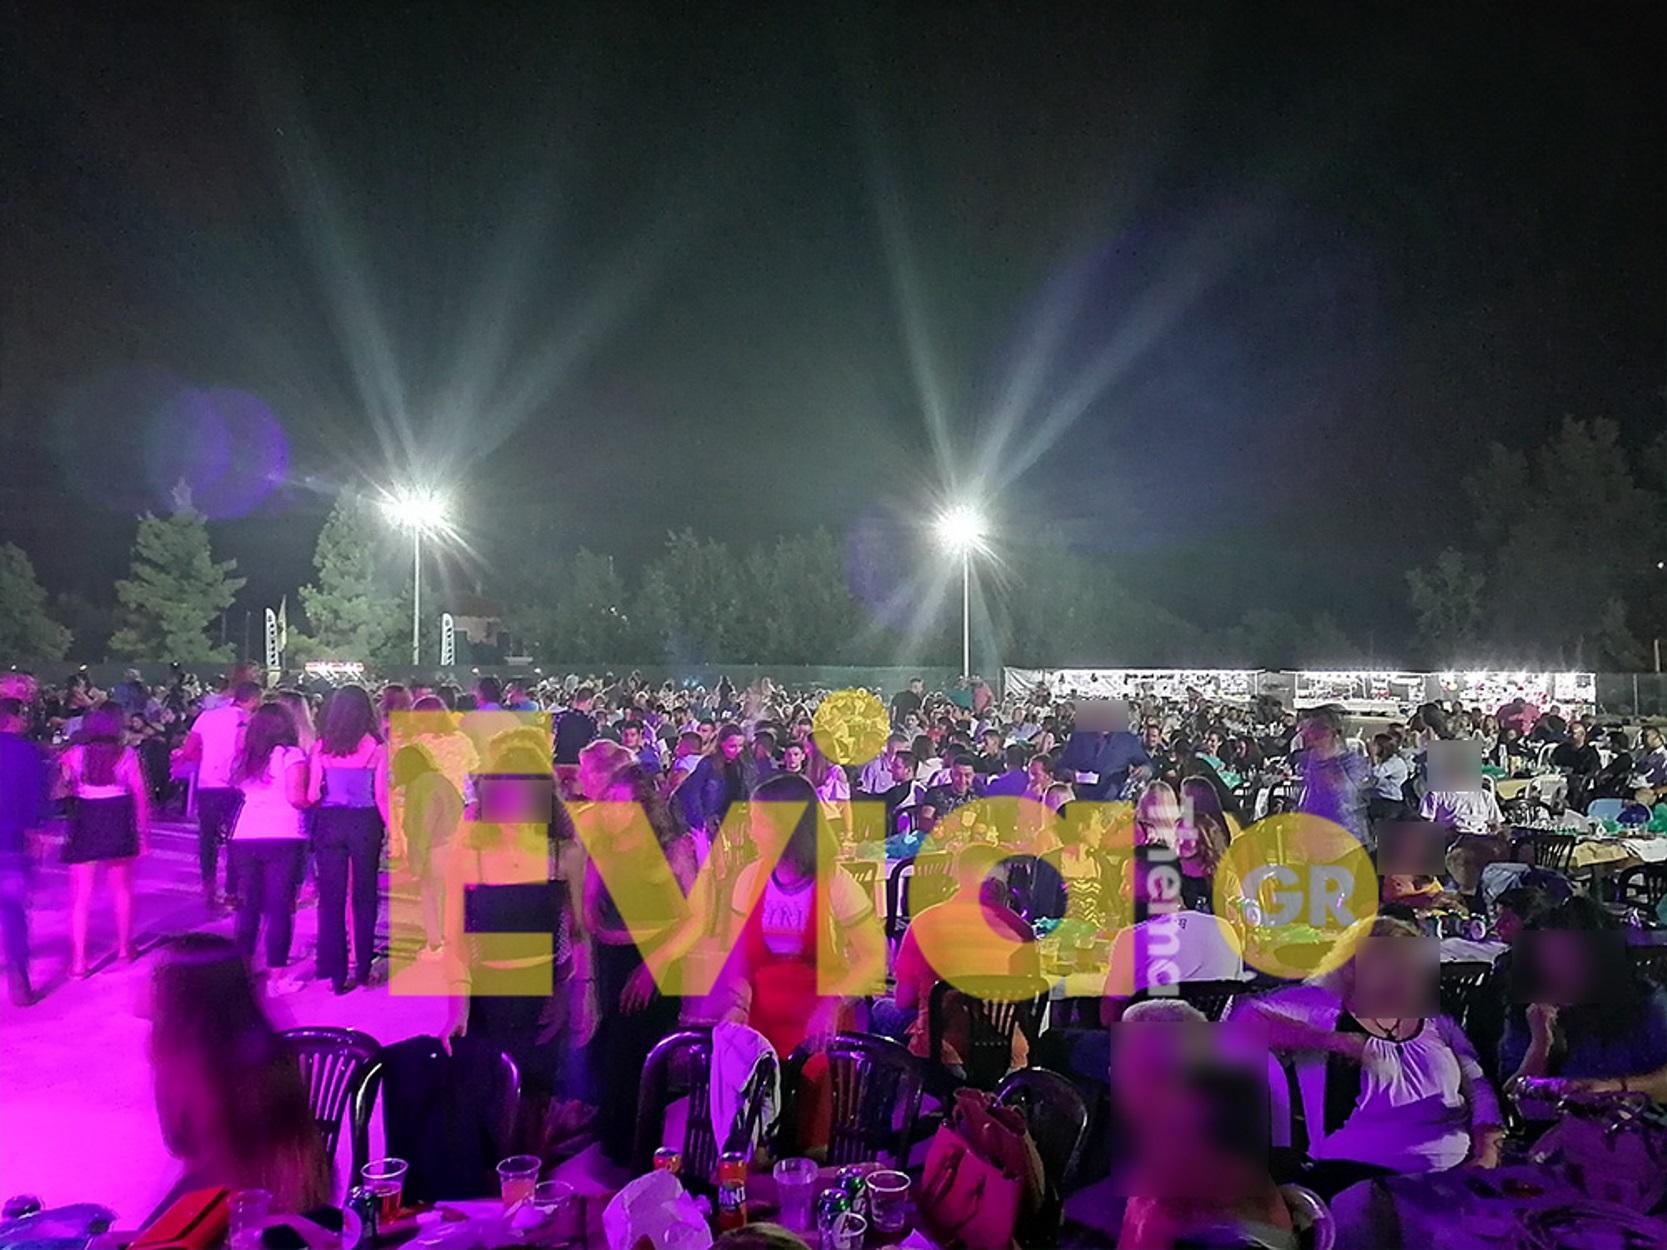 """Εύβοια: Πάνω από 2.000 """"παρουσίες"""" στο πρώτο μεγάλο πανηγύρι (pics, video)"""